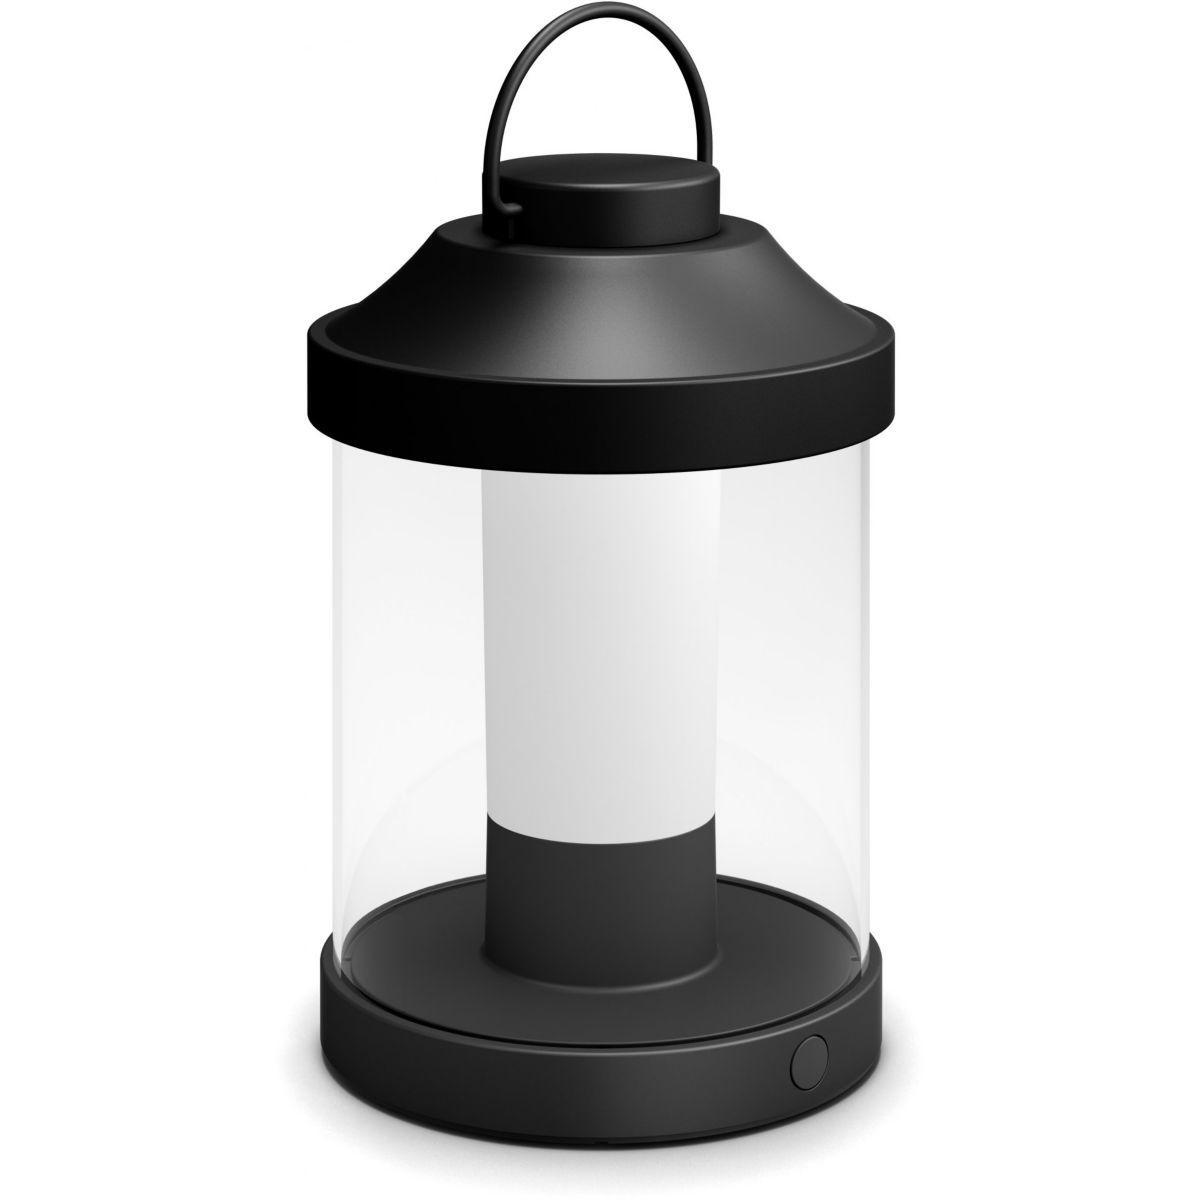 Lanterne philips portable abelia - noir - 7% de remise imm�diate avec le code : school7 (photo)